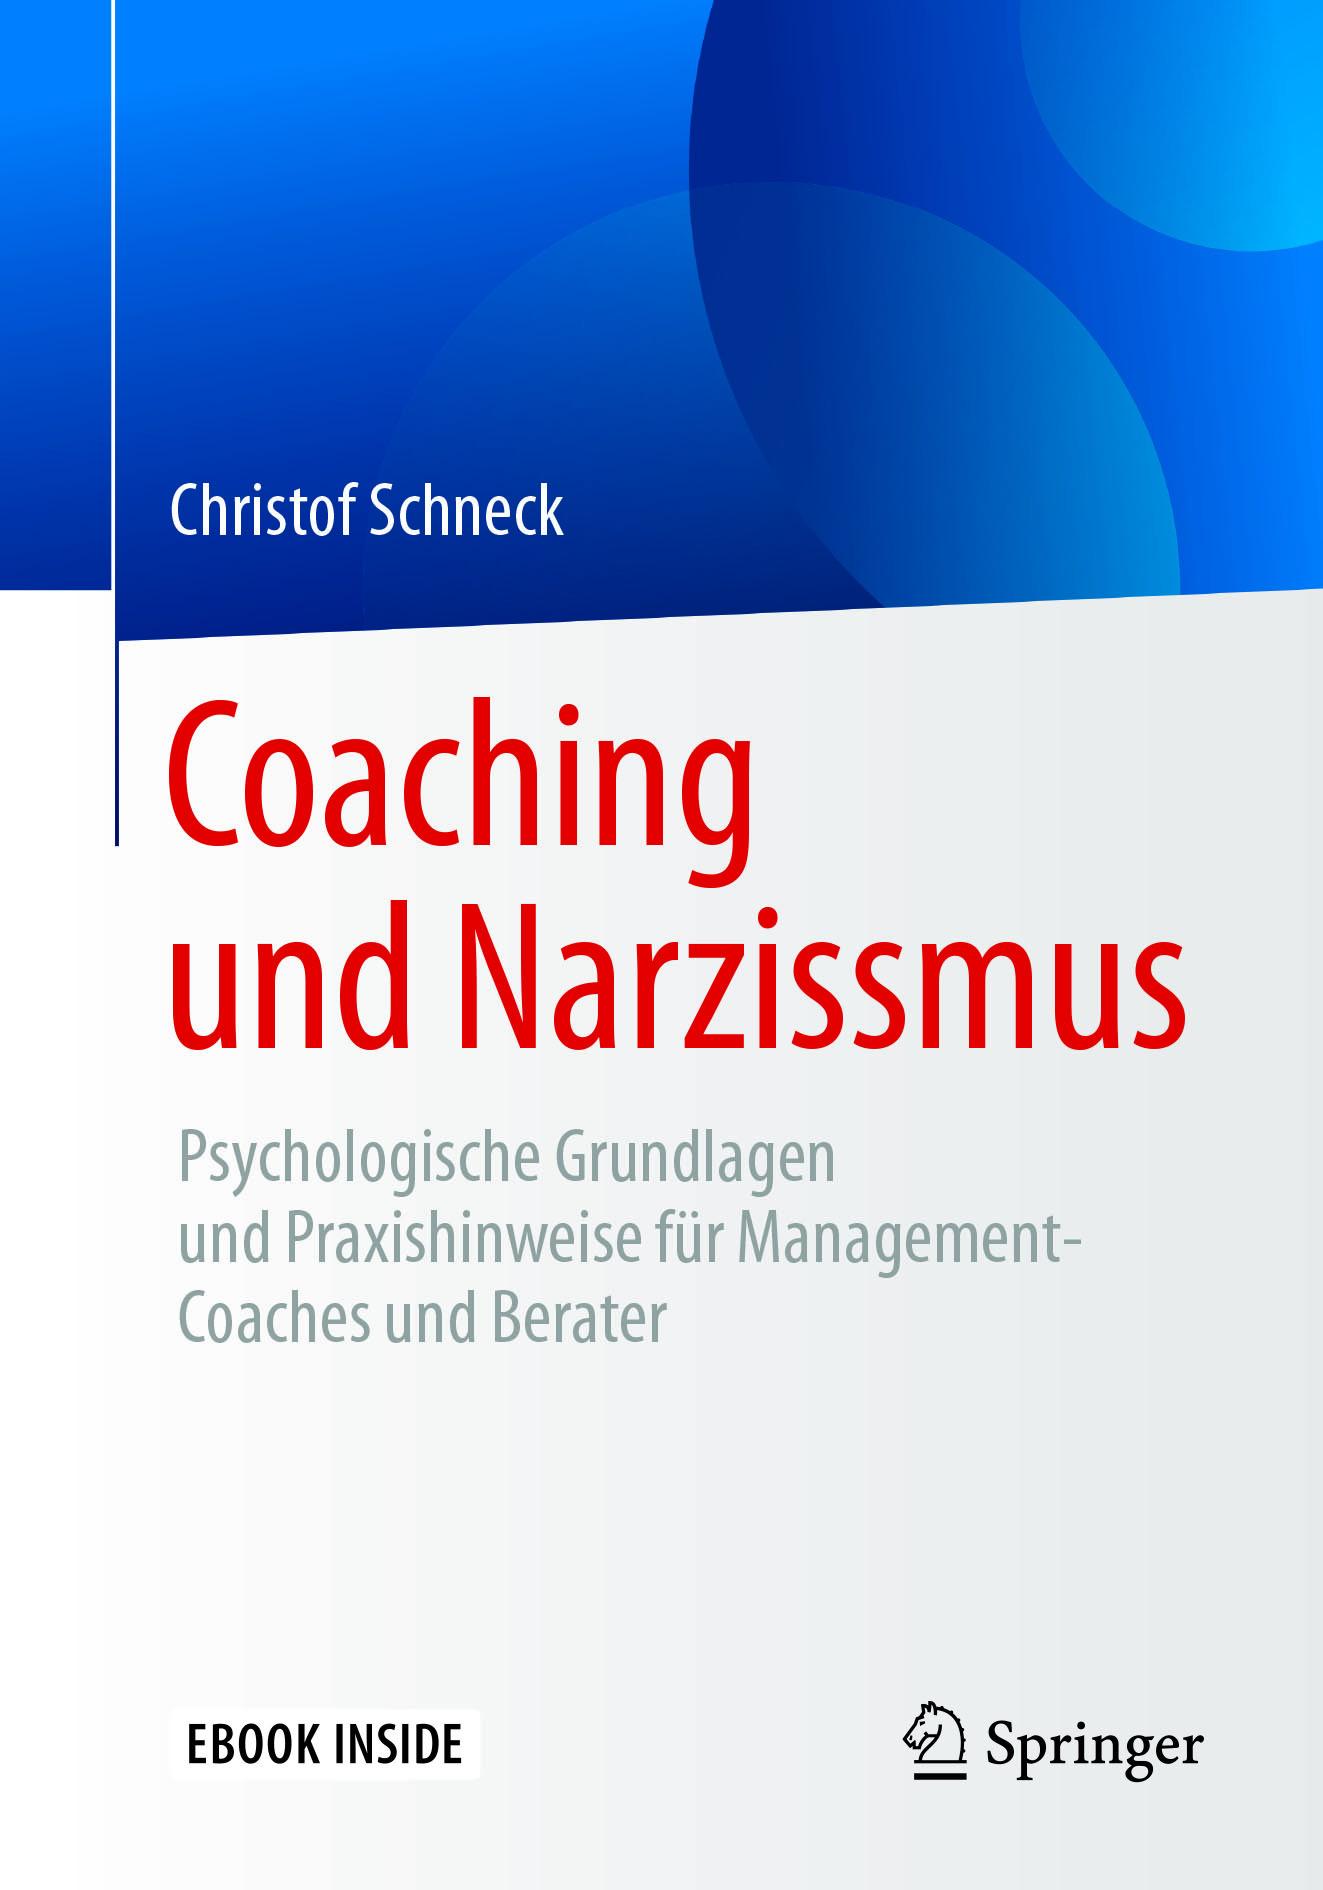 Schneck, Christof - Coaching und Narzissmus, ebook